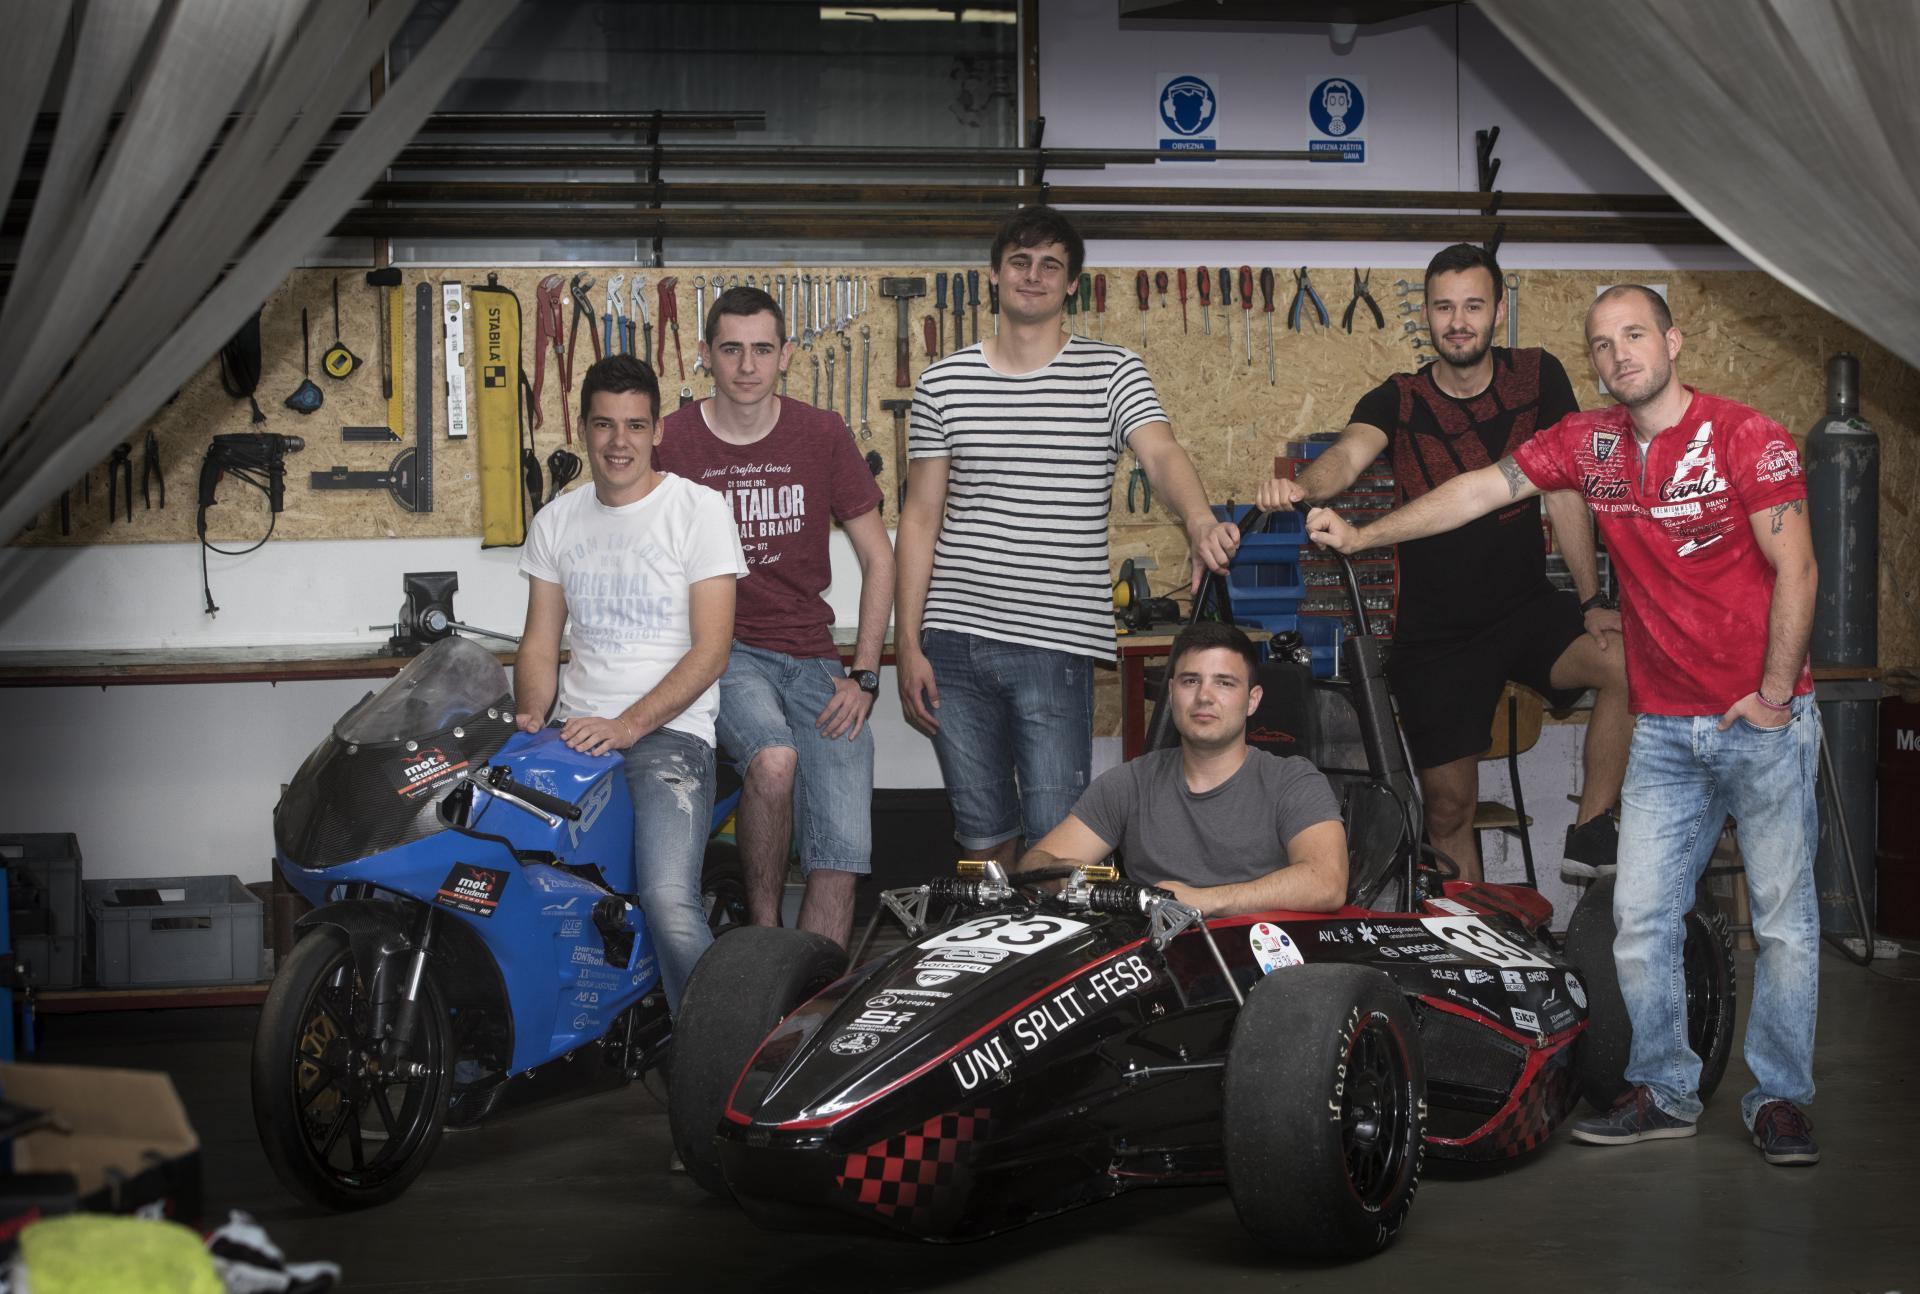 Studenti Ante Parać, Toni Skrolić, Bruno Šprlje, Ivan Trutanić, Zoran Trevižan i vozač Denis Plavljanić uz svoja vozila, spremni za natjecanje